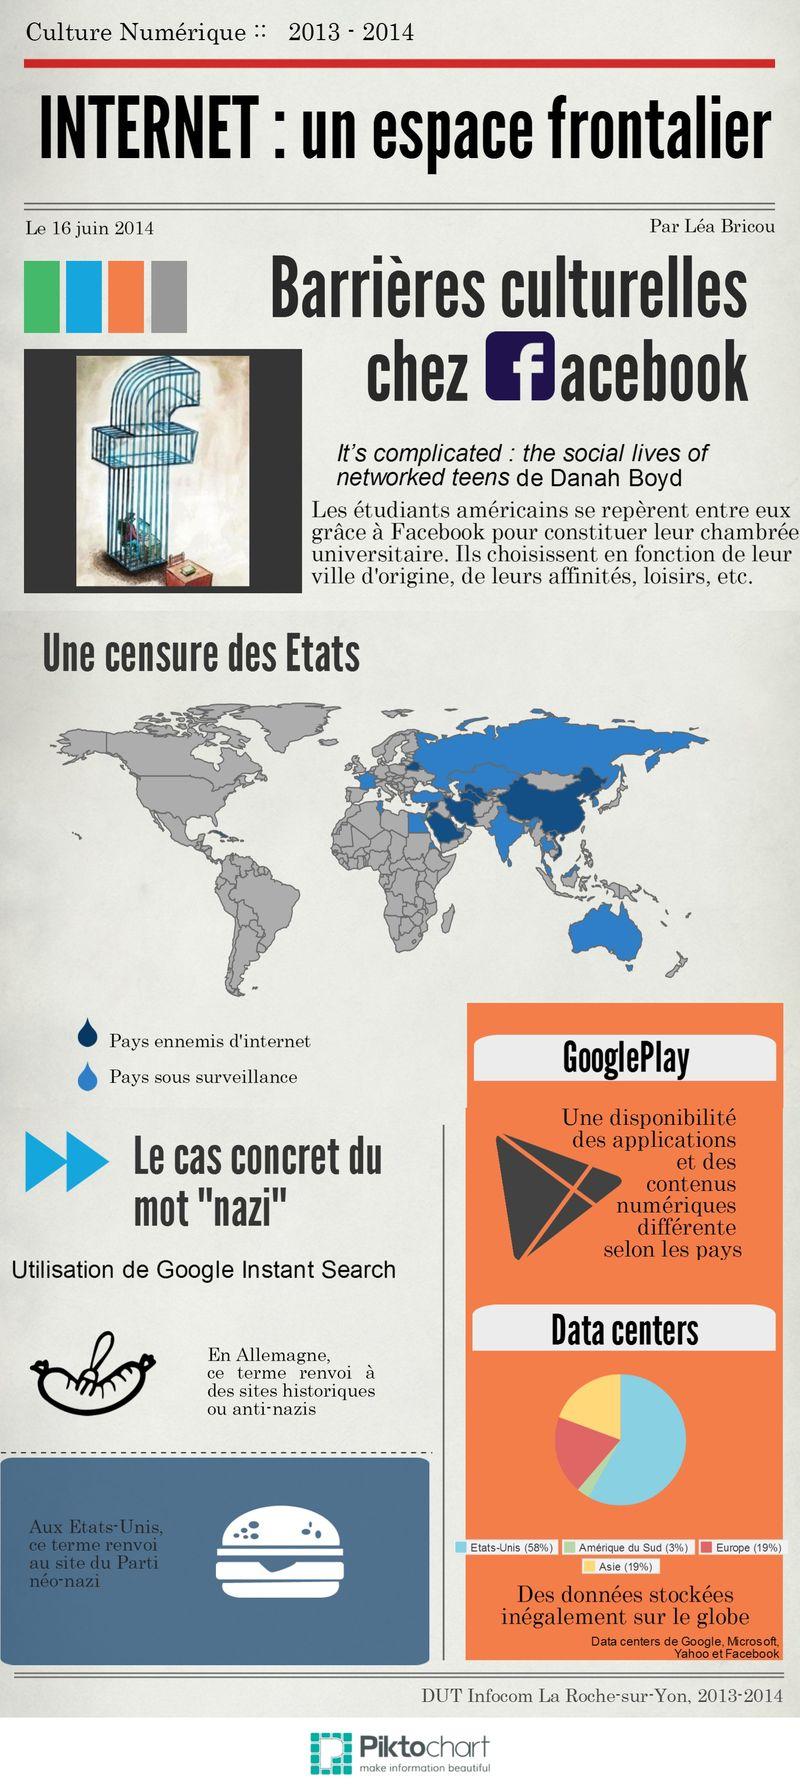 Bricou Léa_ ML_ Infographie_ Internet - un espace frontal ier2